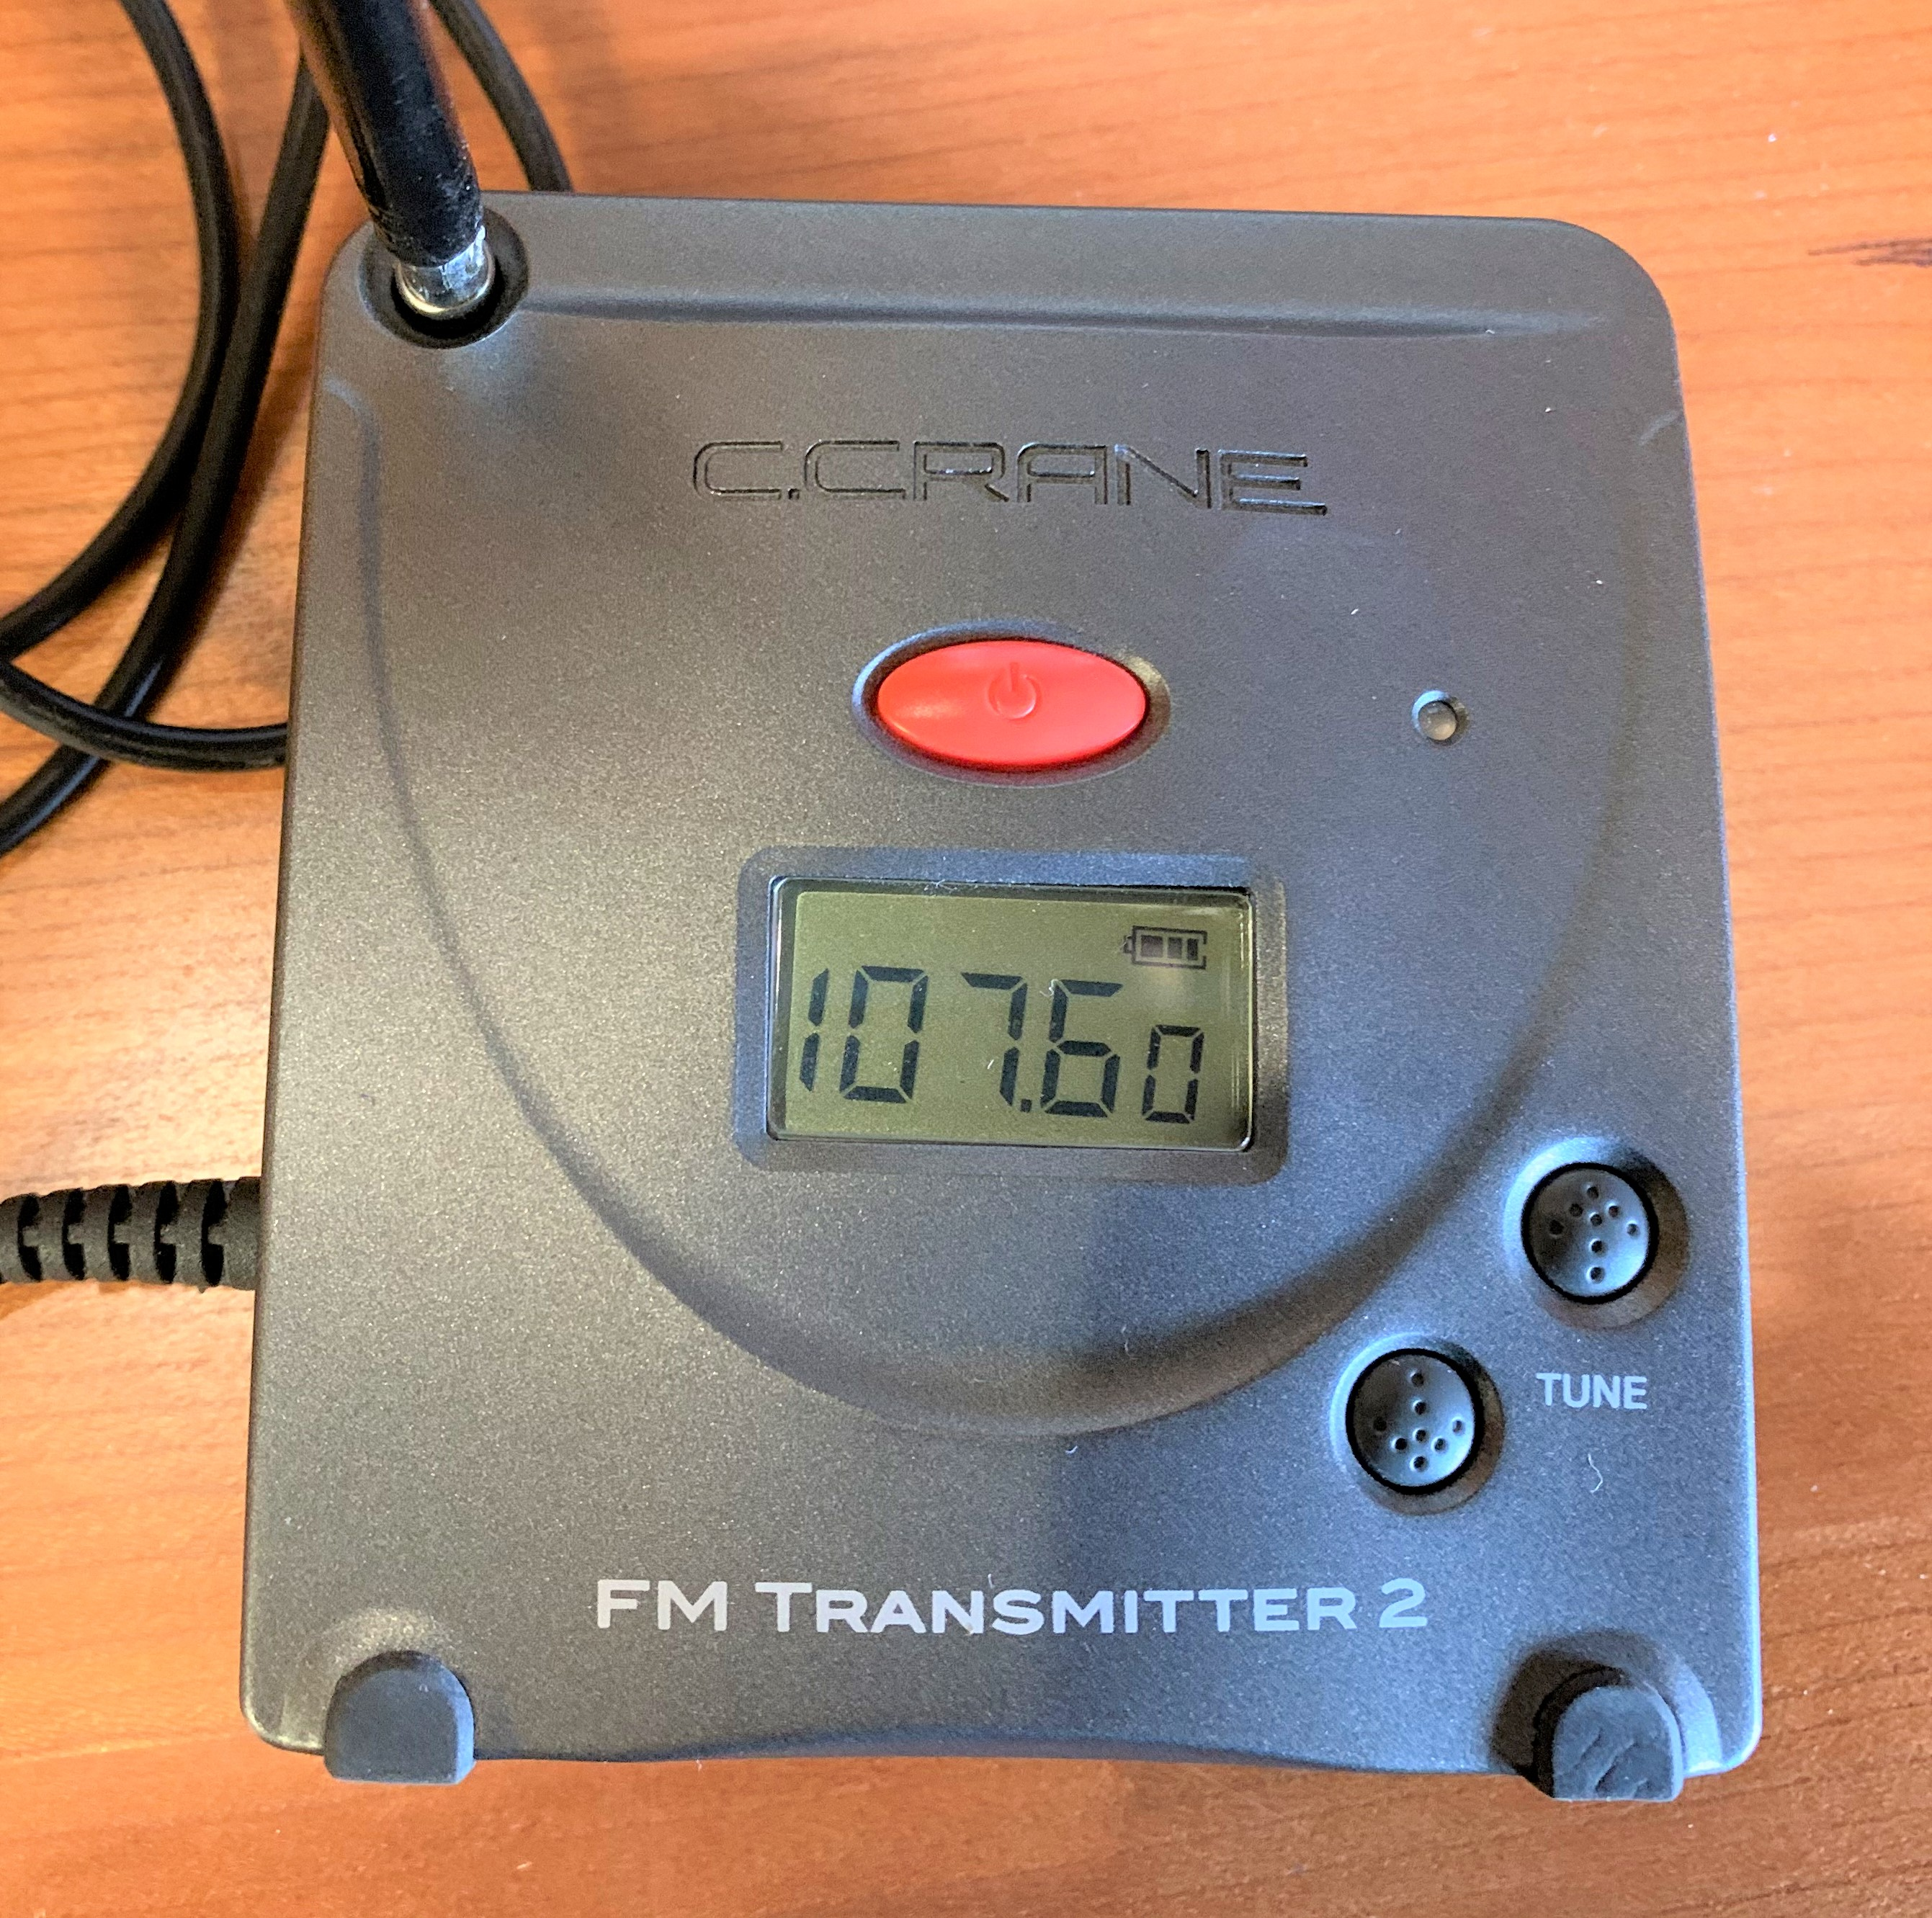 fmtransmitter1067